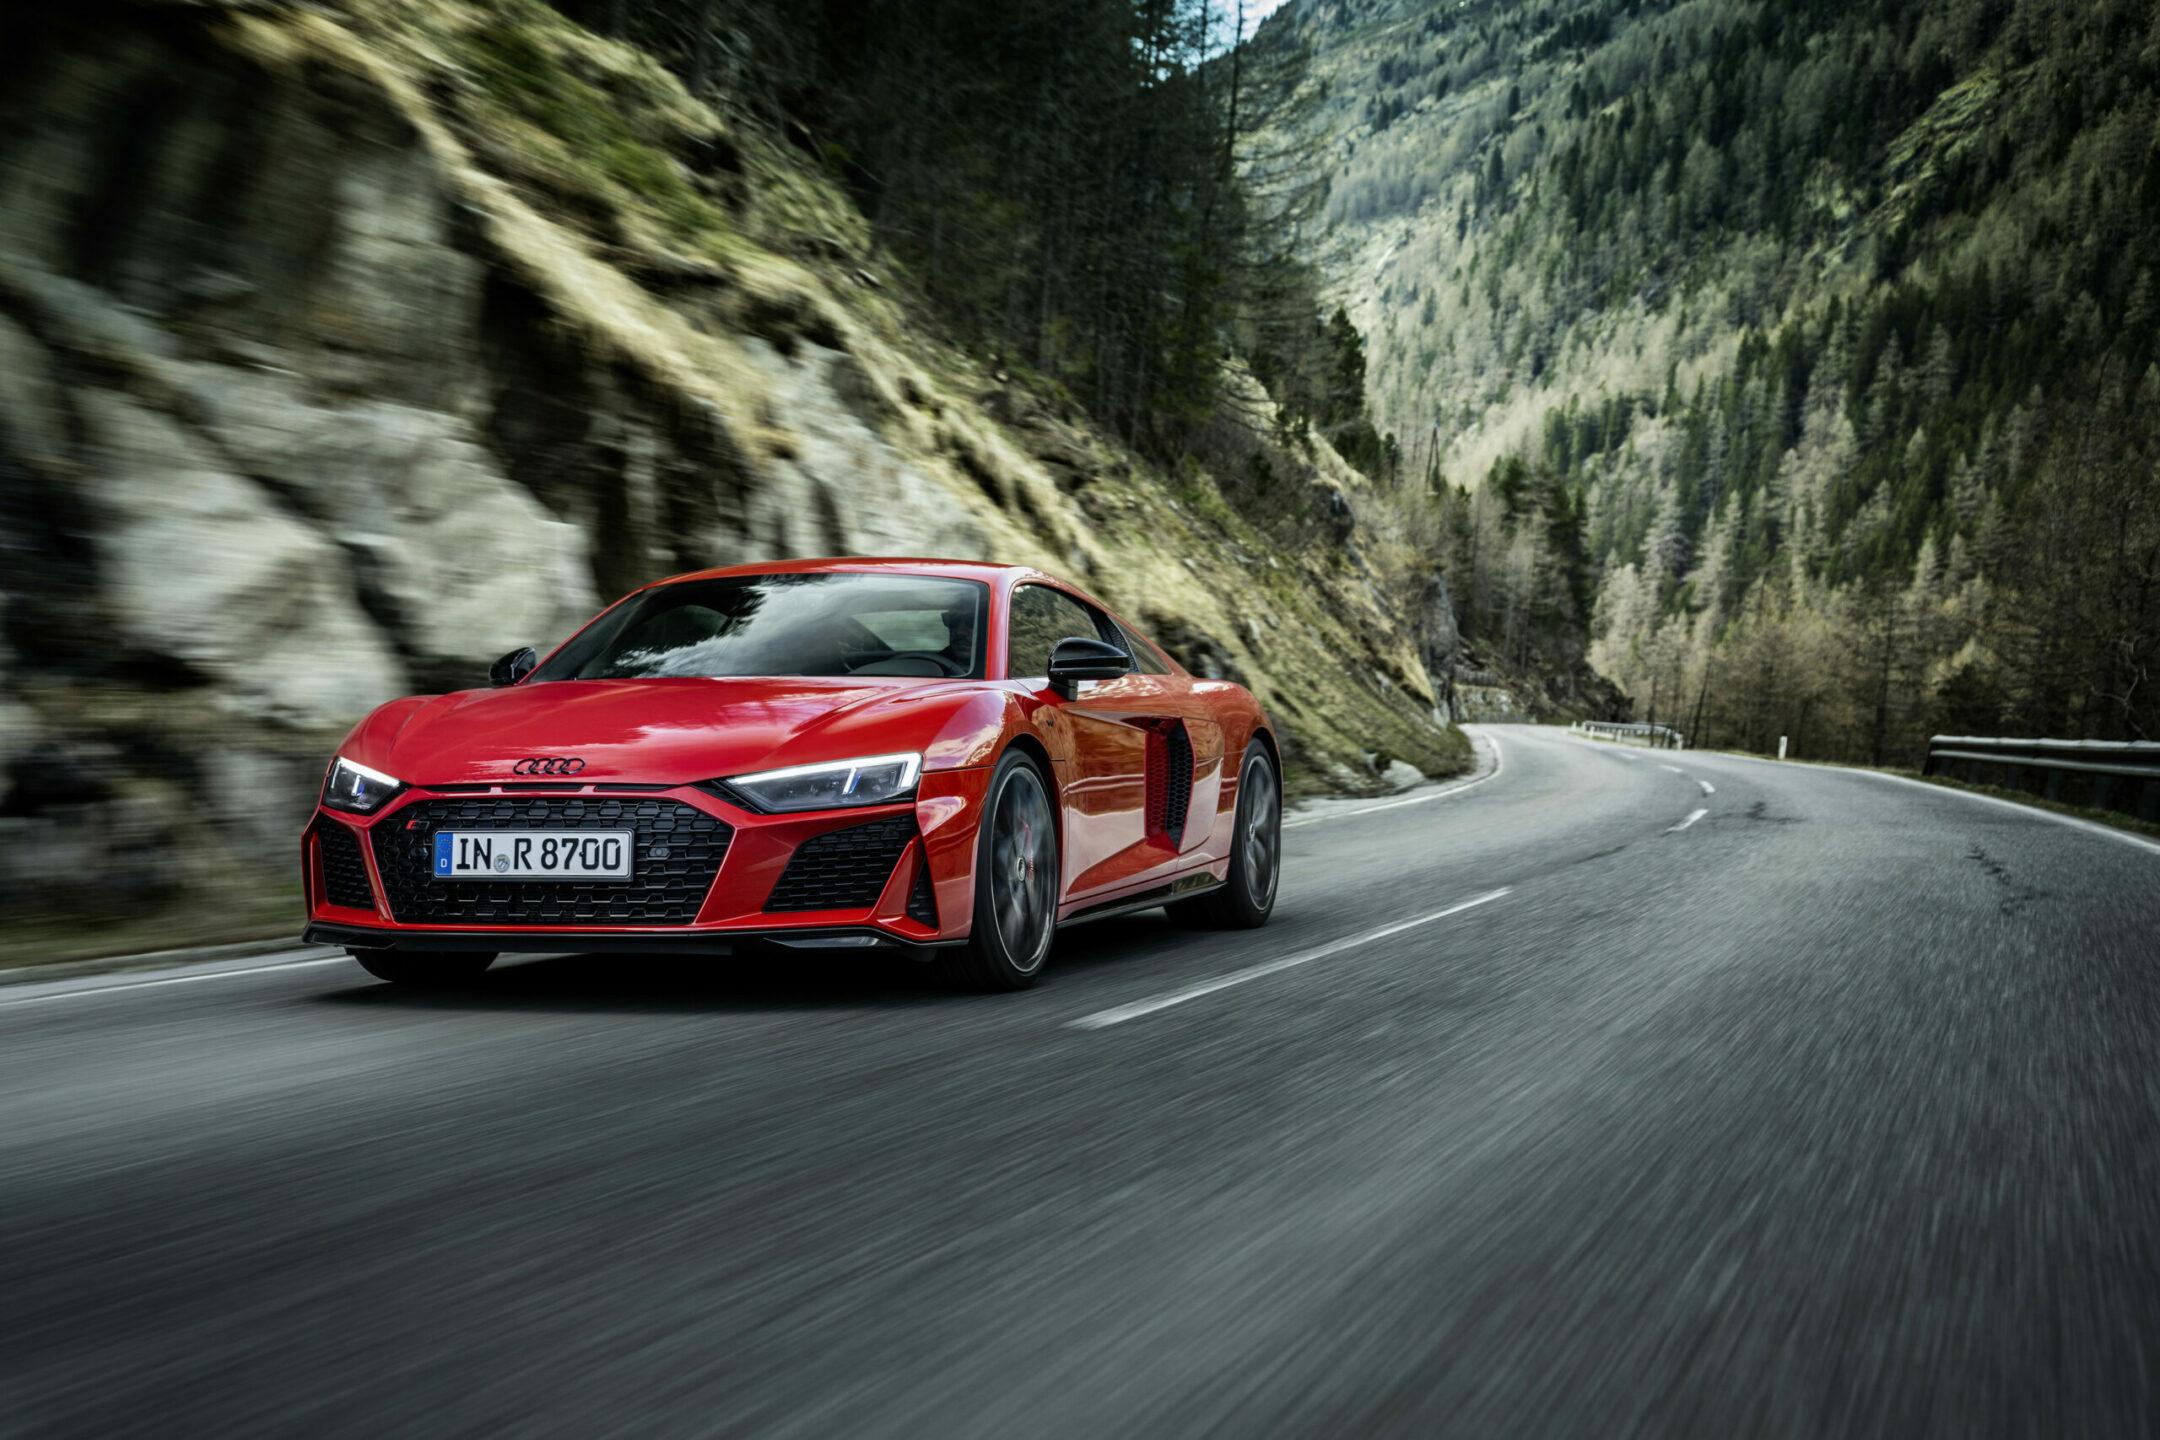 r8-performance-v10-rwd,-la-nuova-sportiva-audi-a-trazione-posteriore